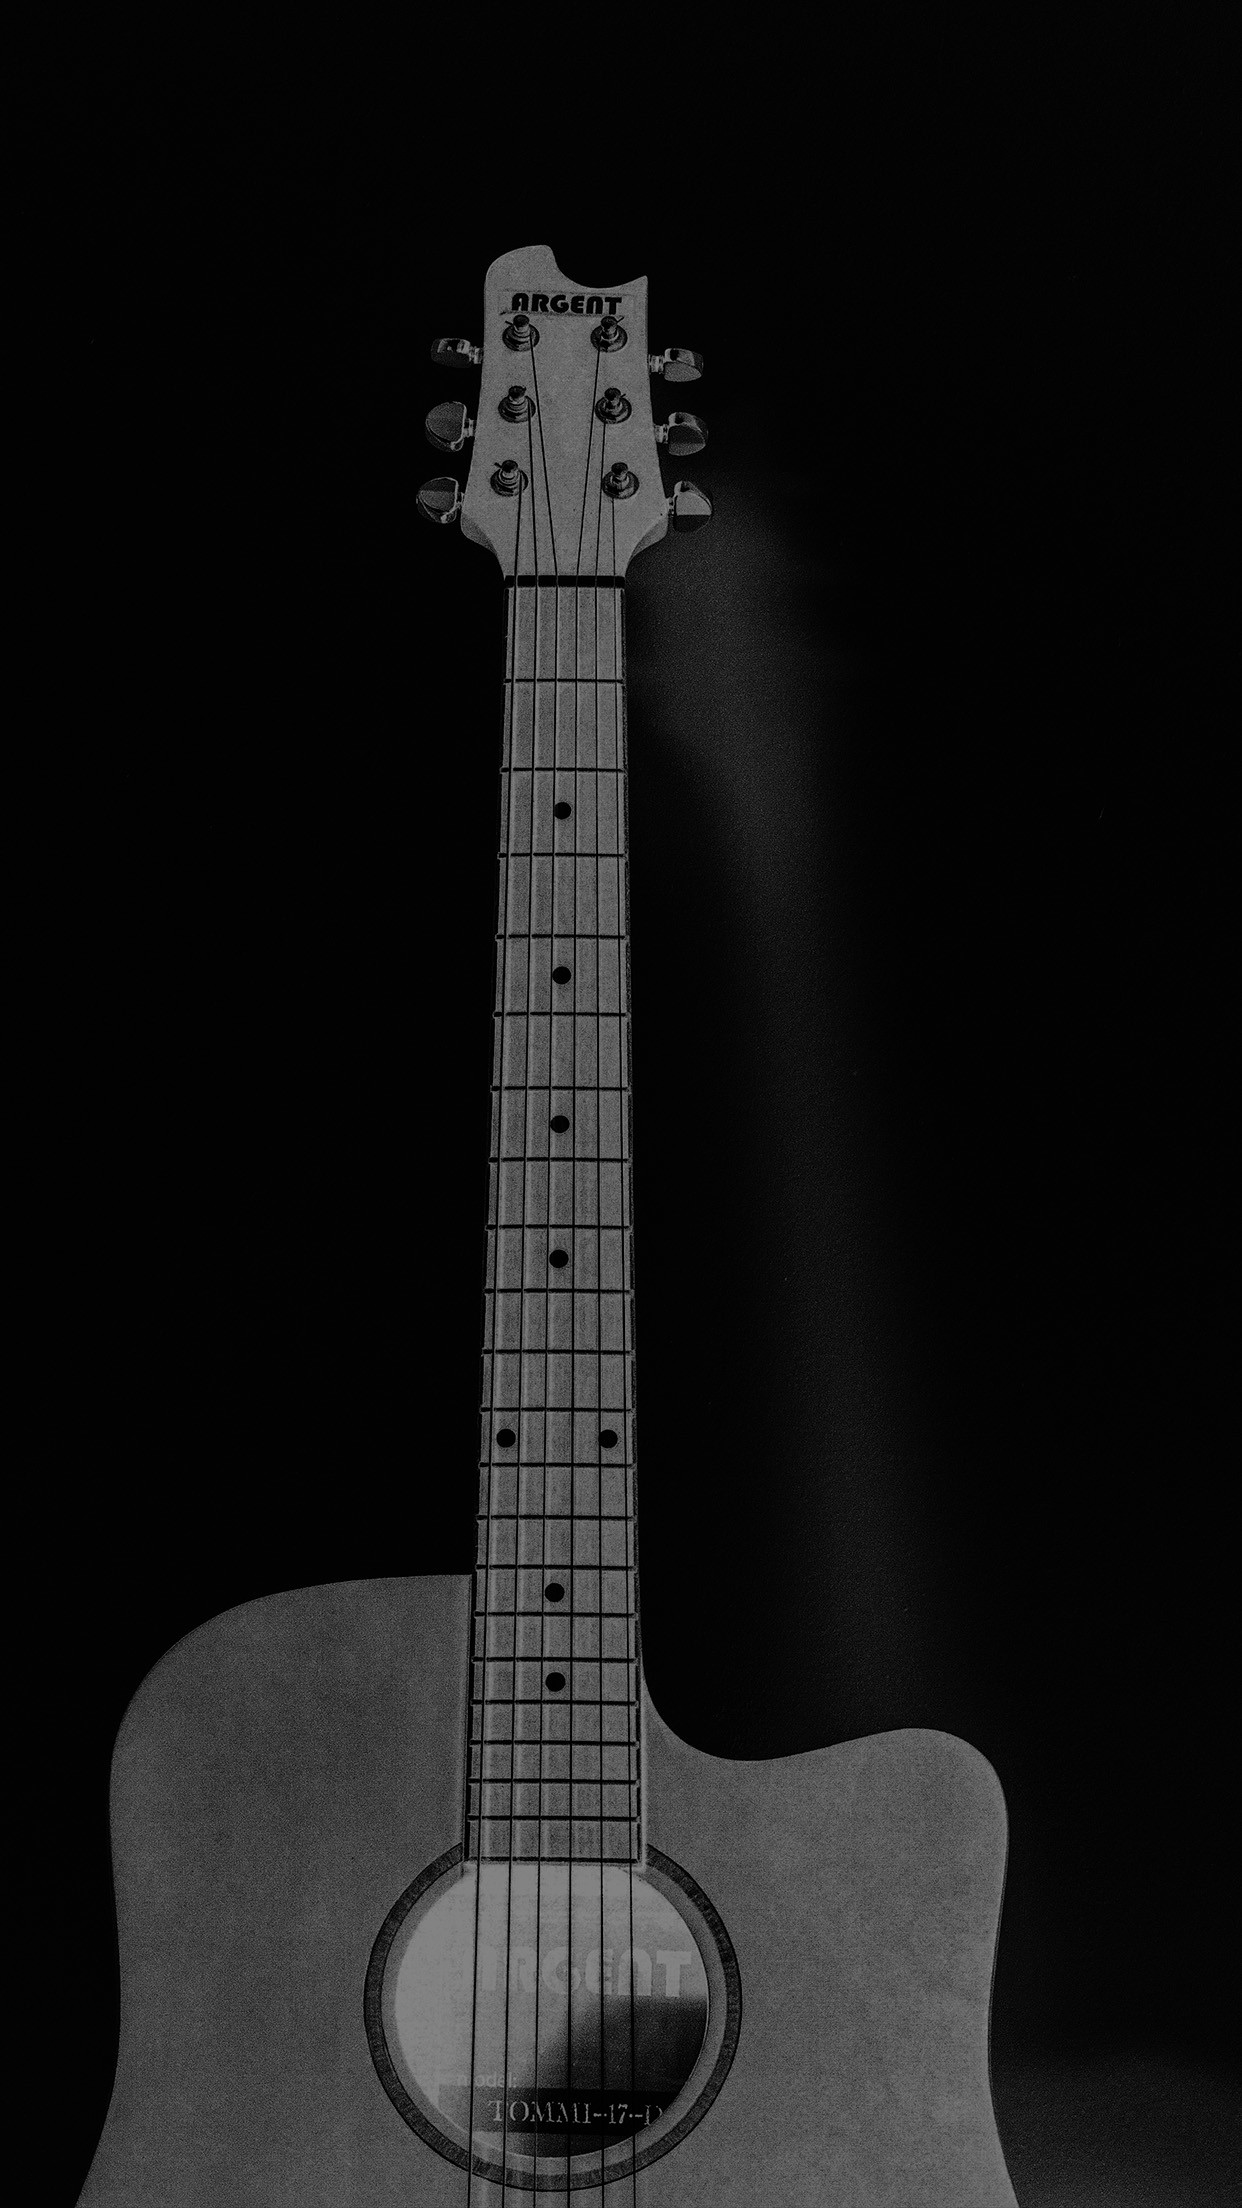 Iphone 8 Plus Data Src New Guitar Iphone Wallpaper Iphone Black Guitar Wallpaper Hd 1242x2208 Wallpaper Teahub Io